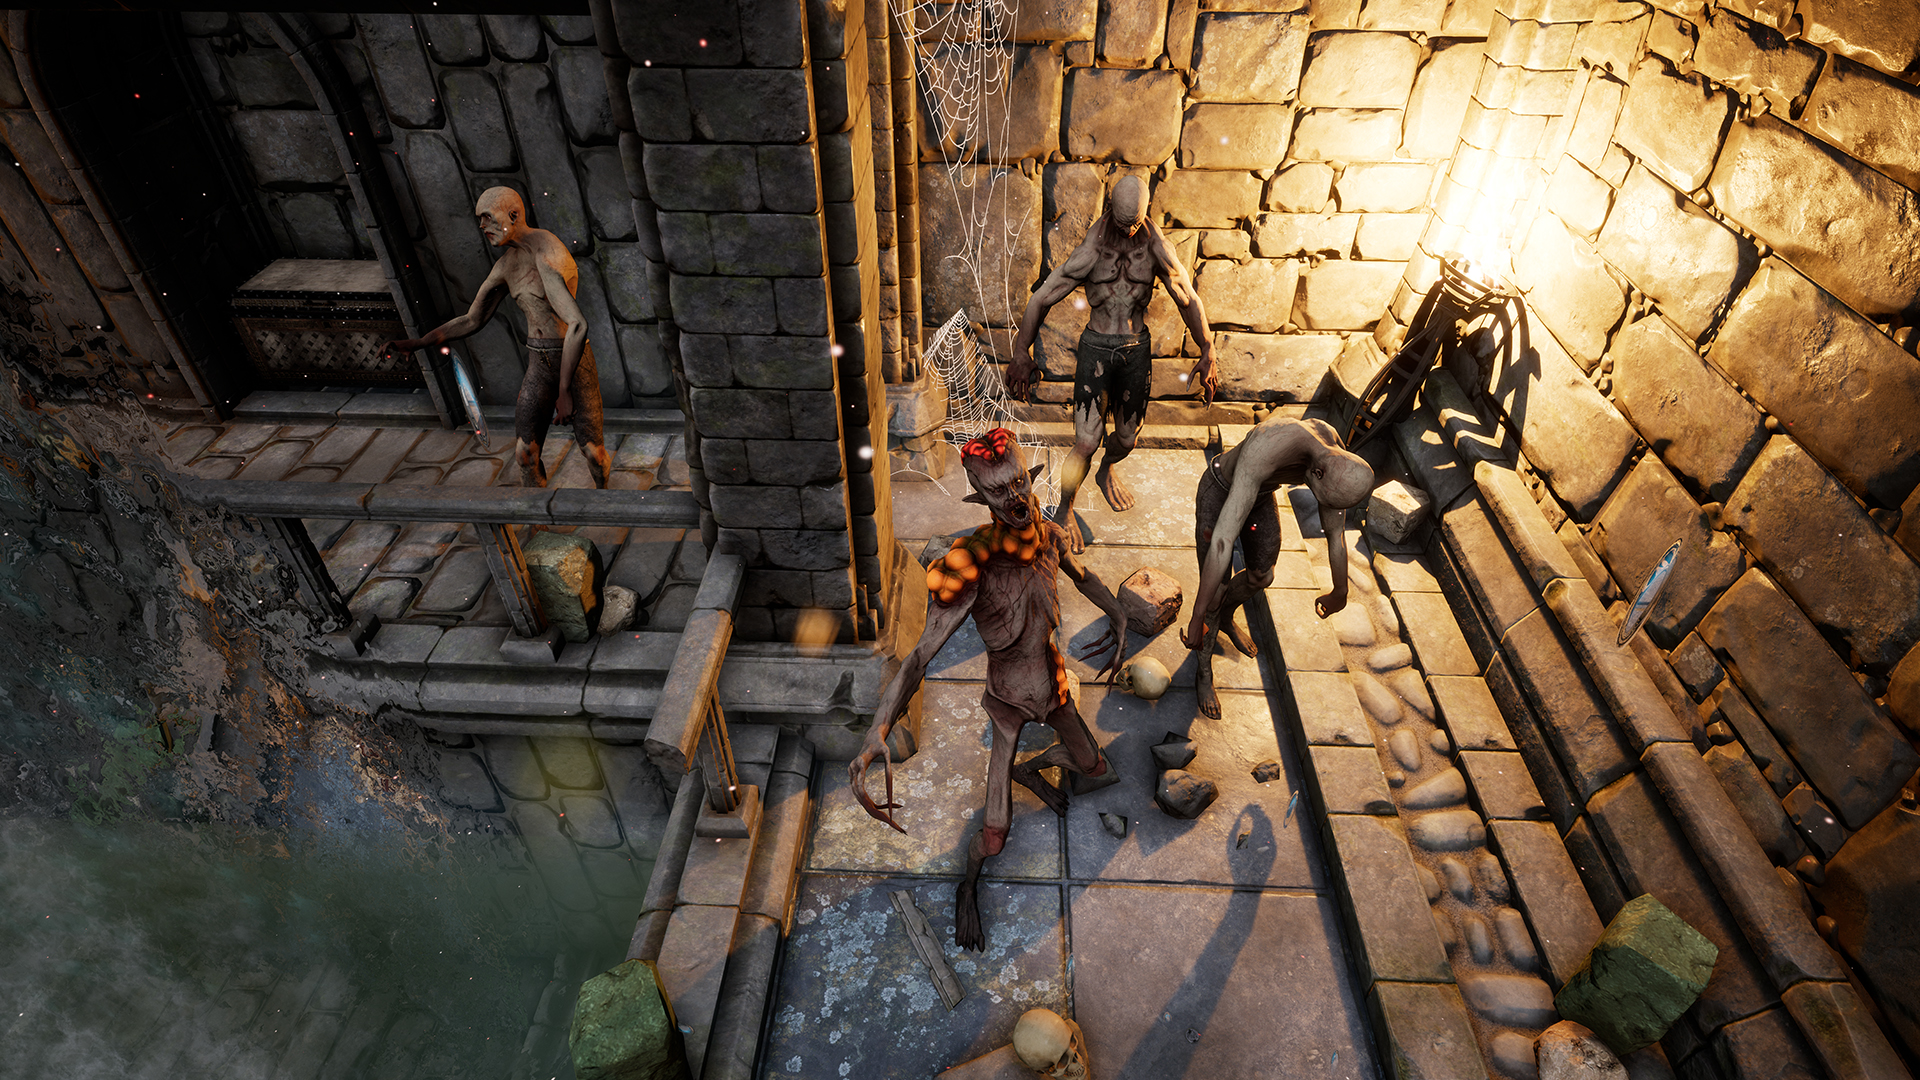 Мрачная roguelite/RPG Enoch: Undergound бросит вызов вашим умениям в ноябре 2017 года